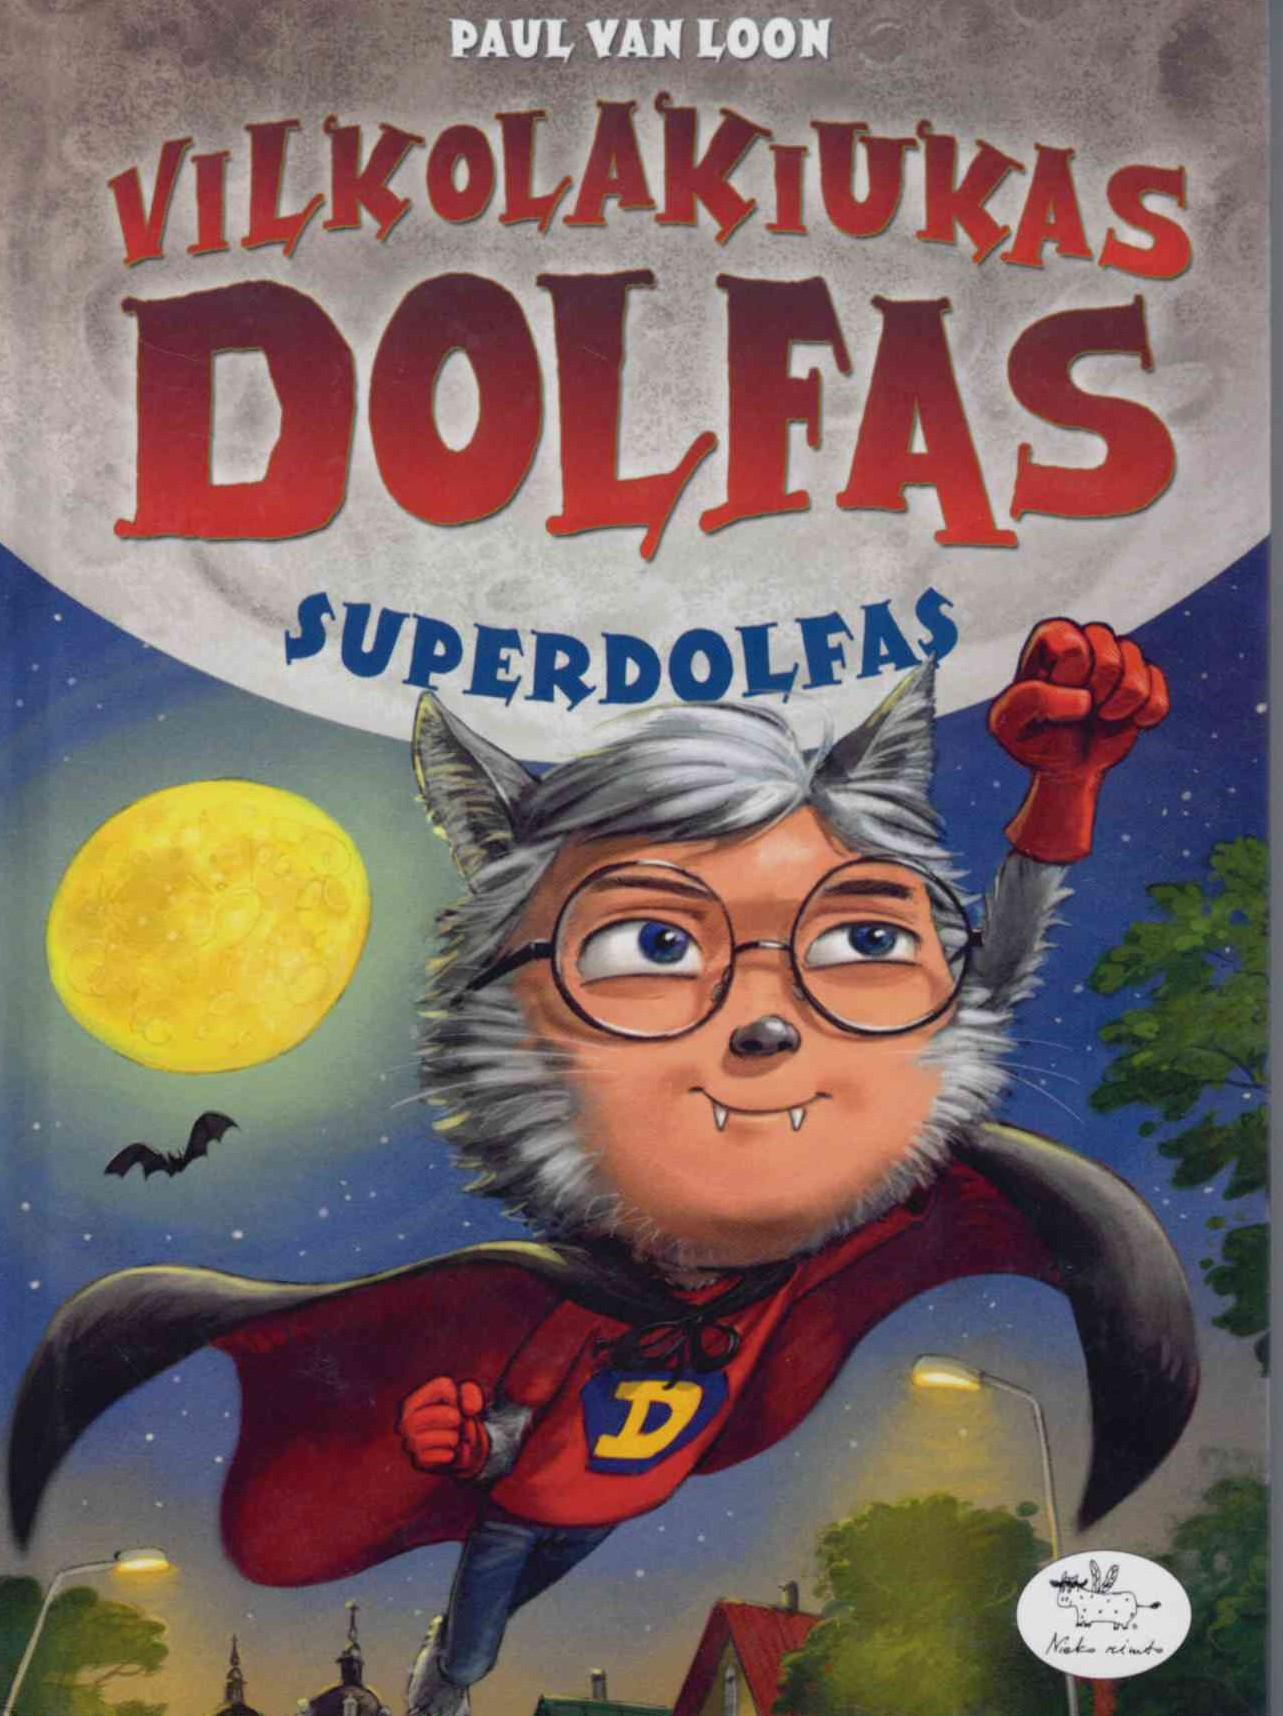 Vilkolakiukas Dolfas. Superdolfas